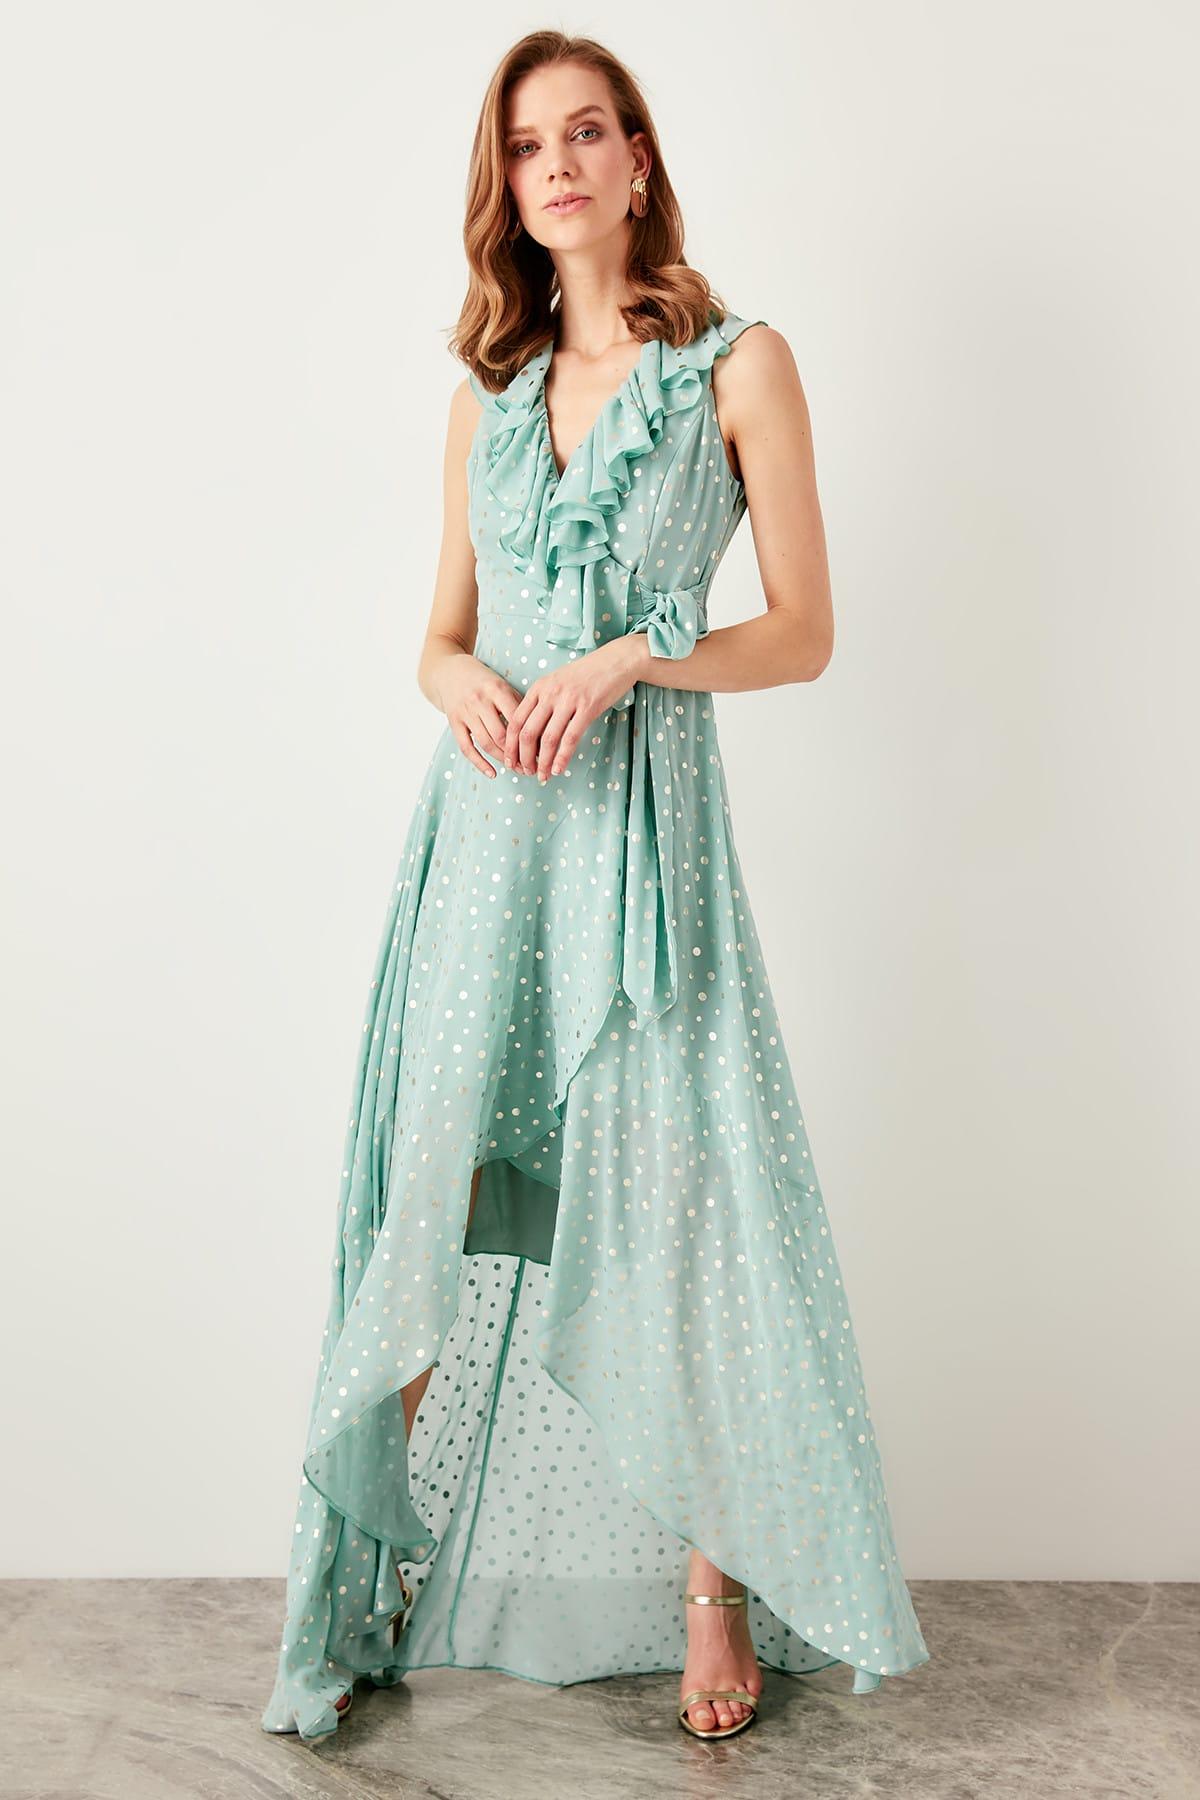 Trendyol Mint Polka Dots Dress